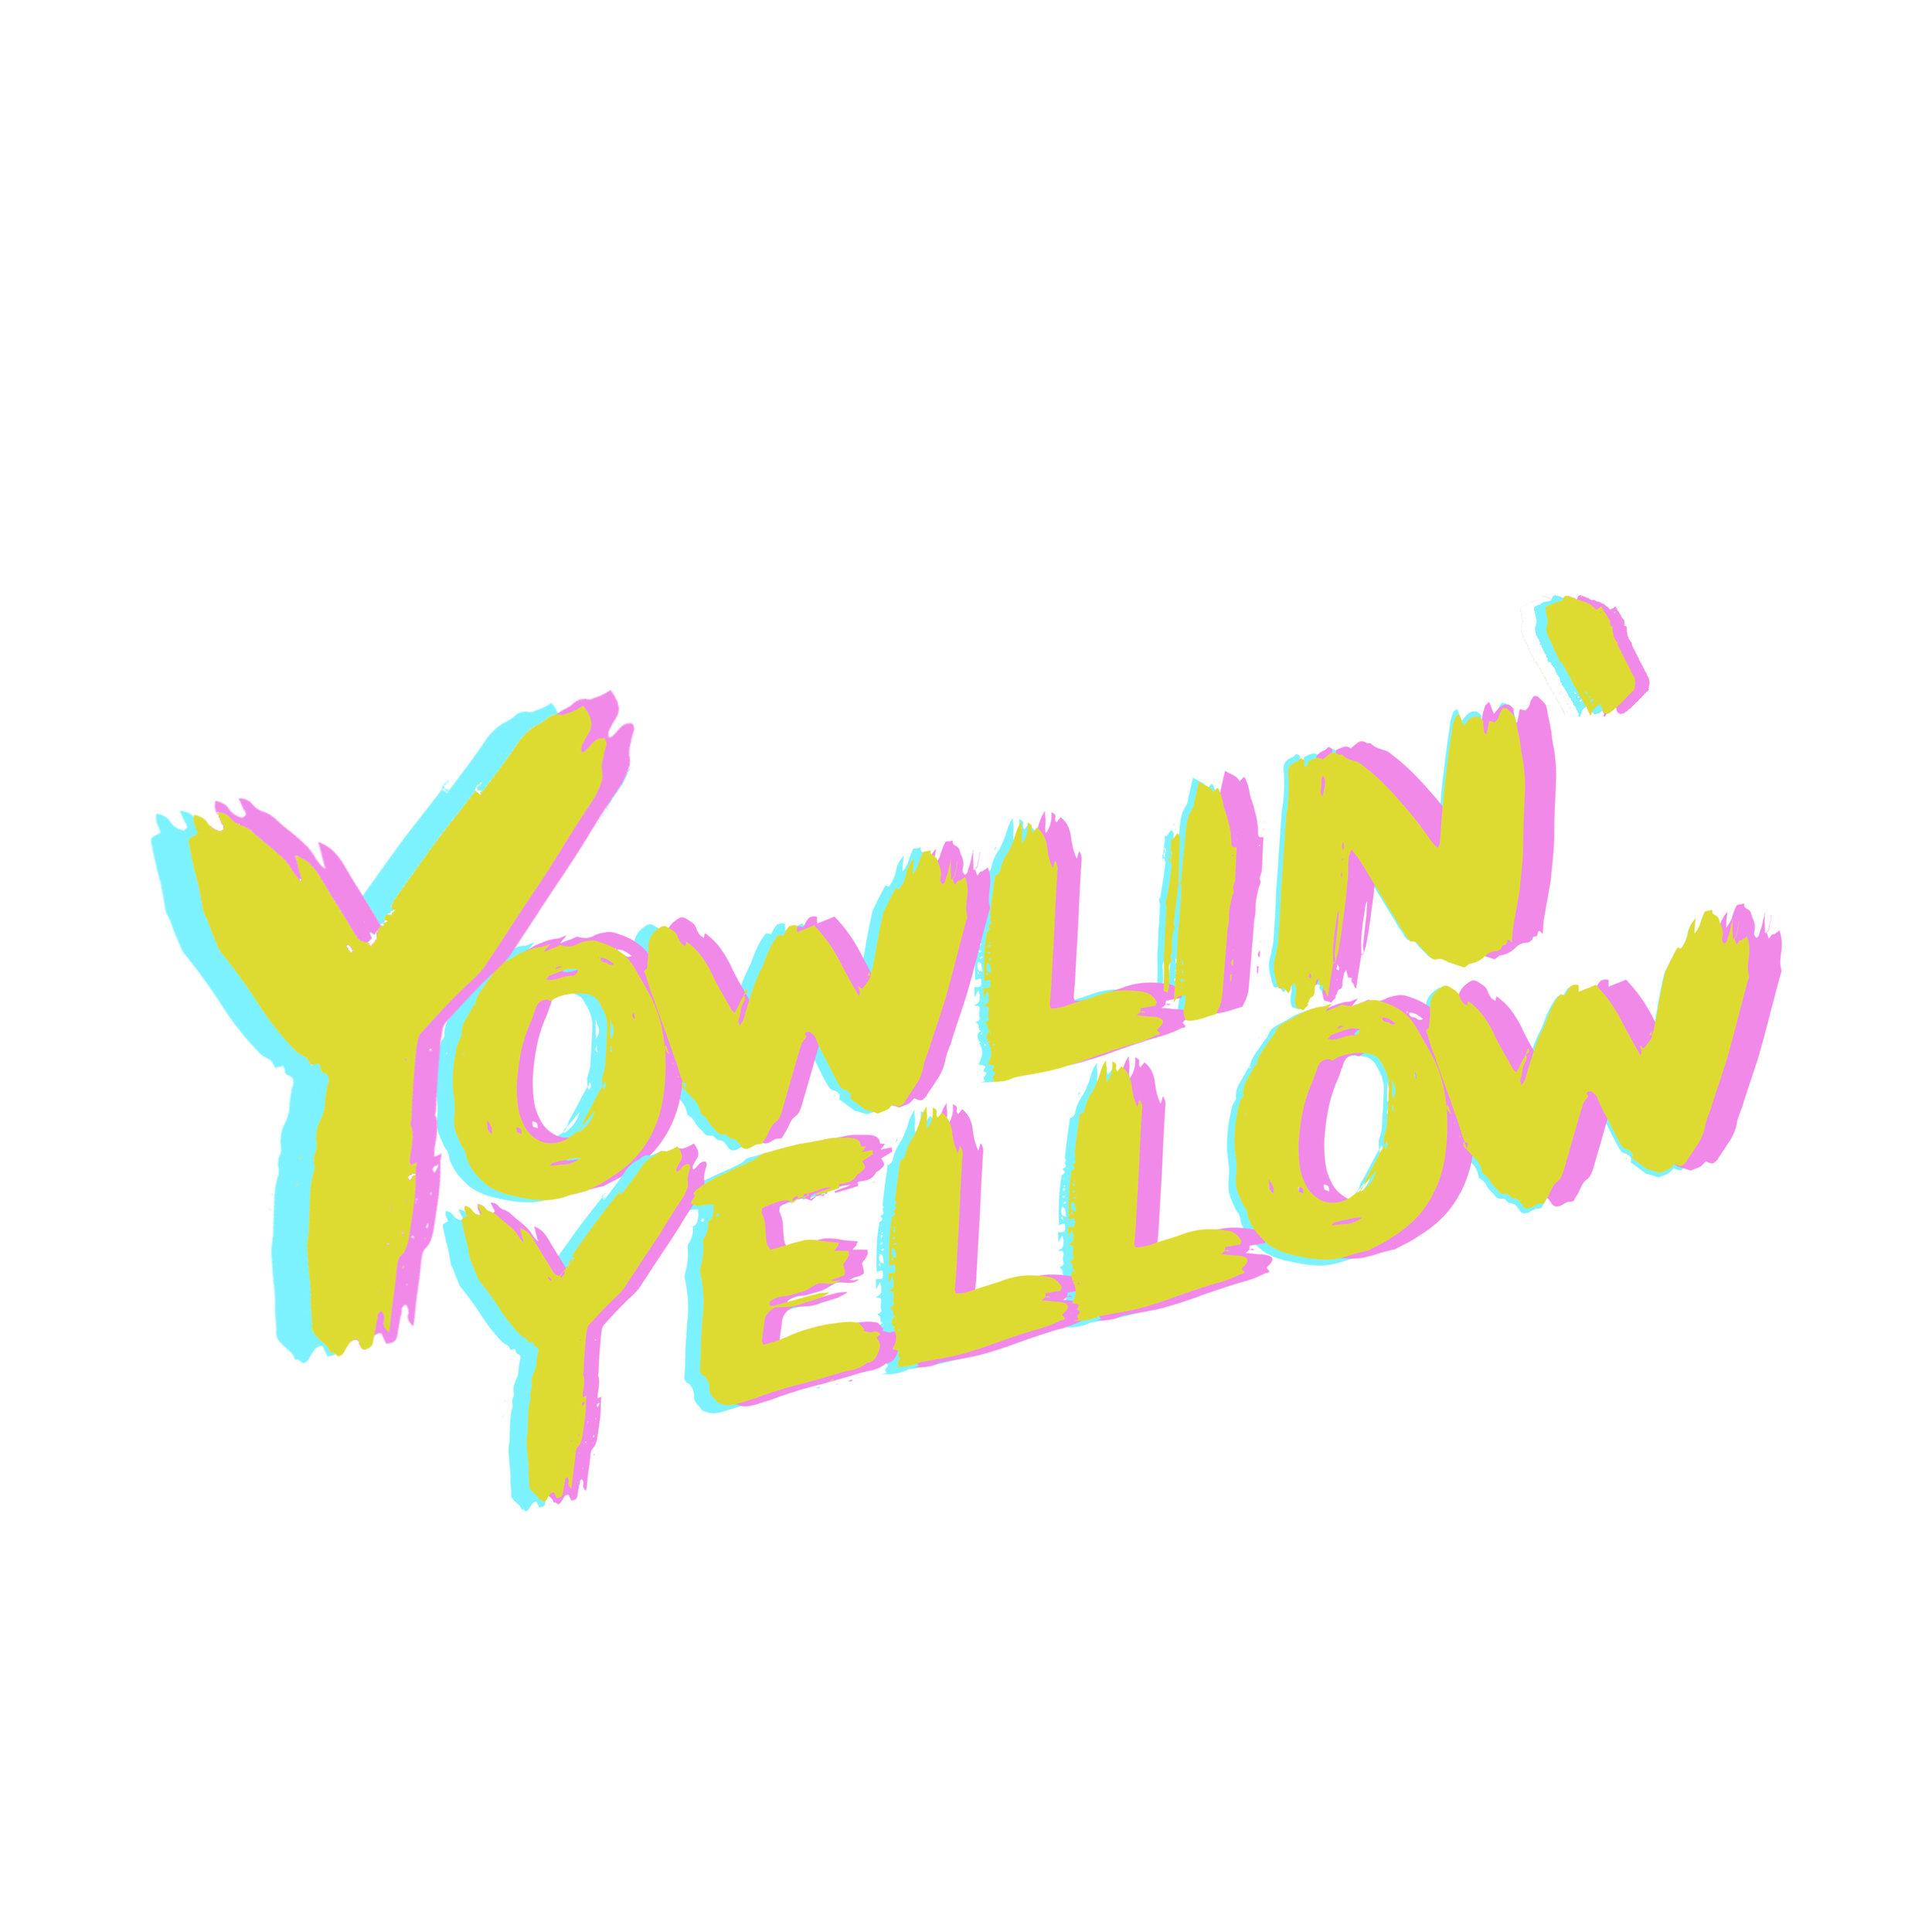 Yowlin' Yellow